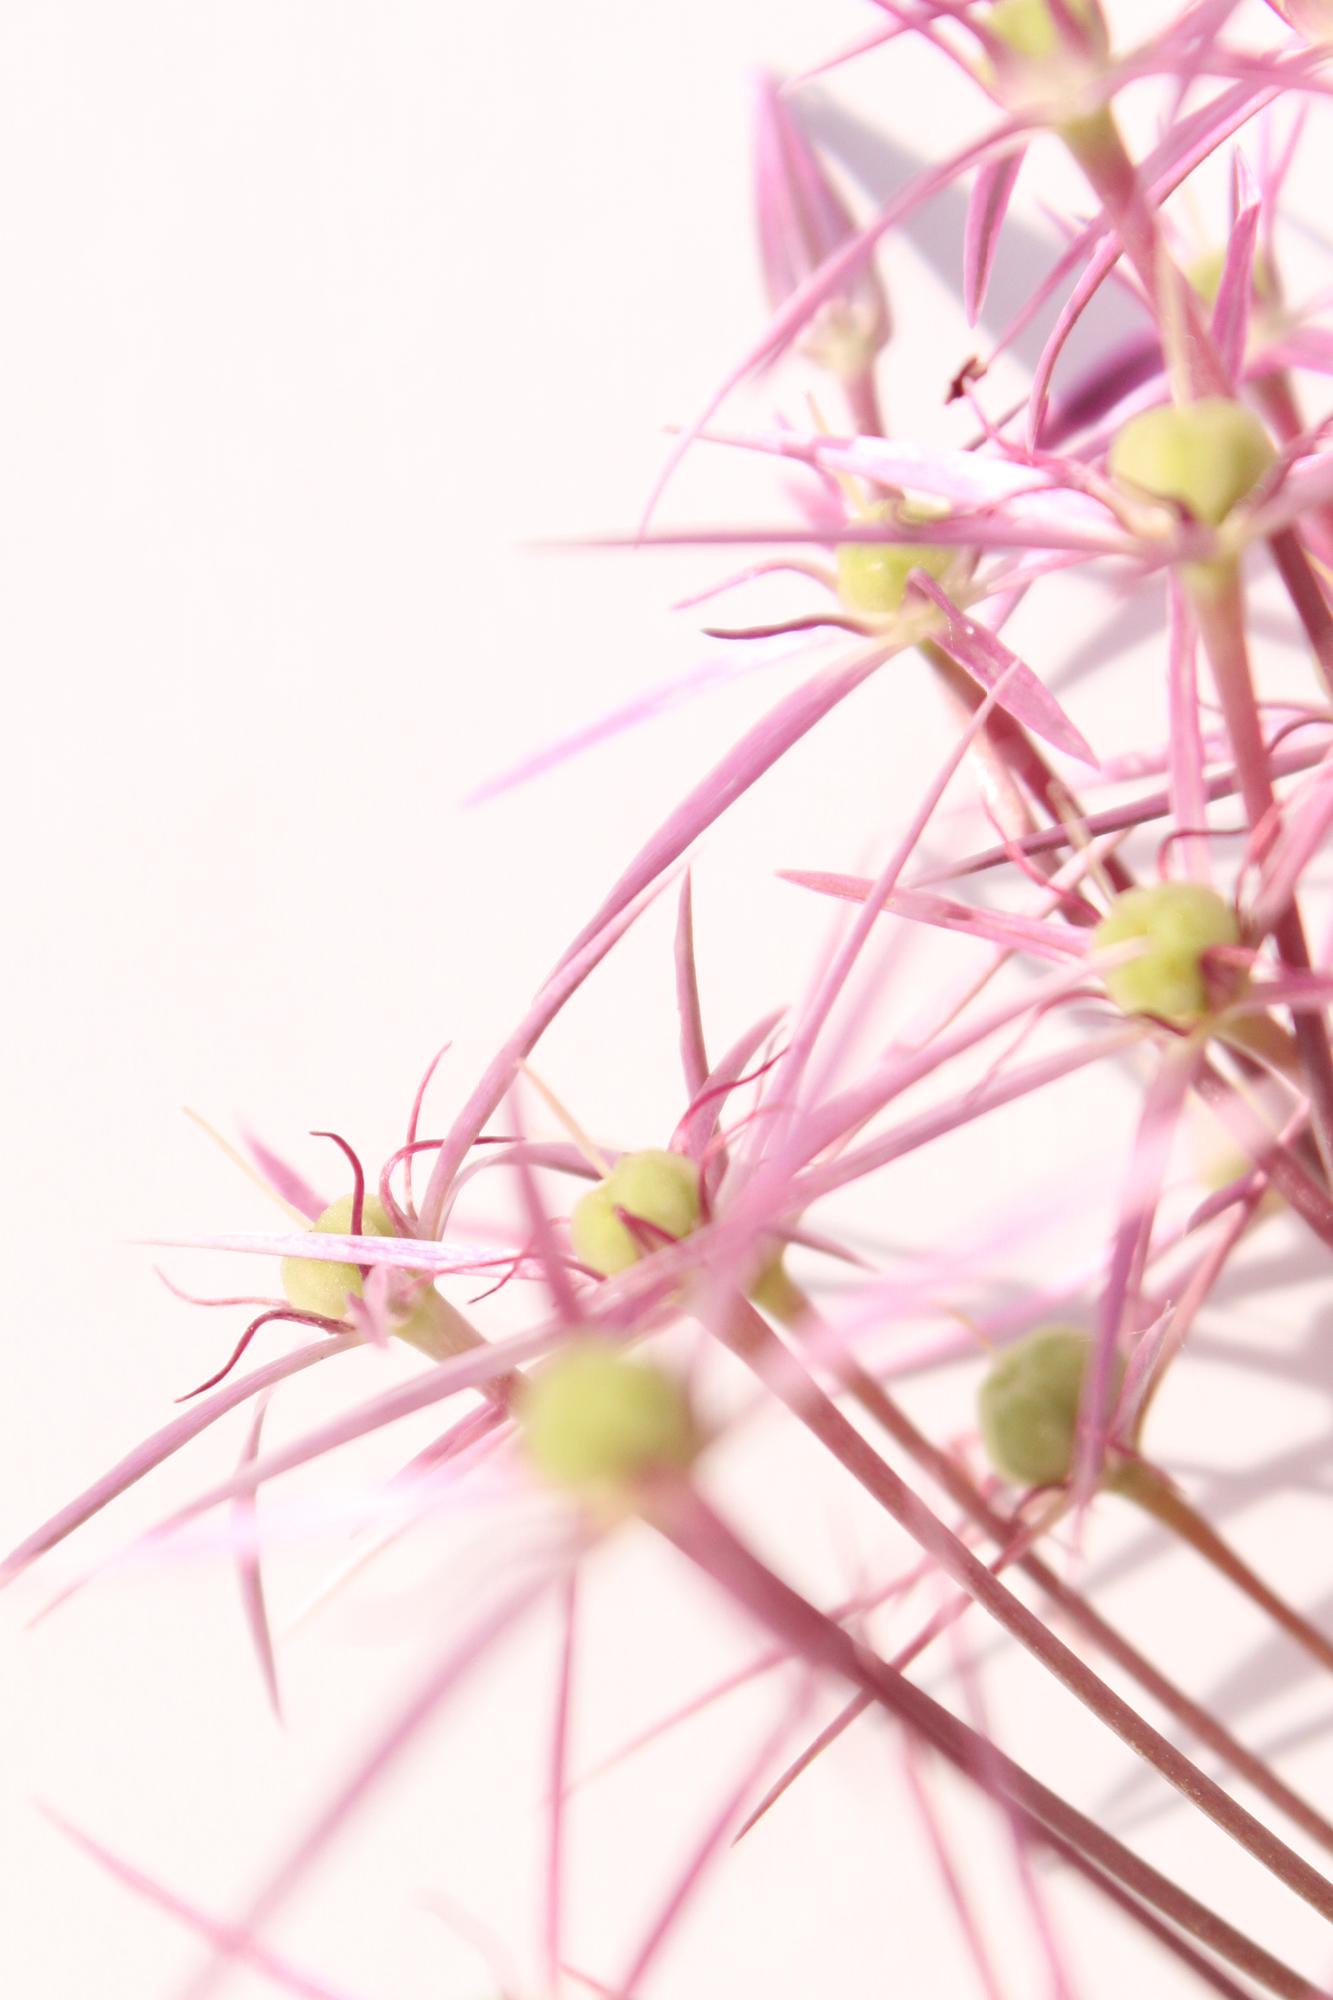 Zierzwiebelblüte